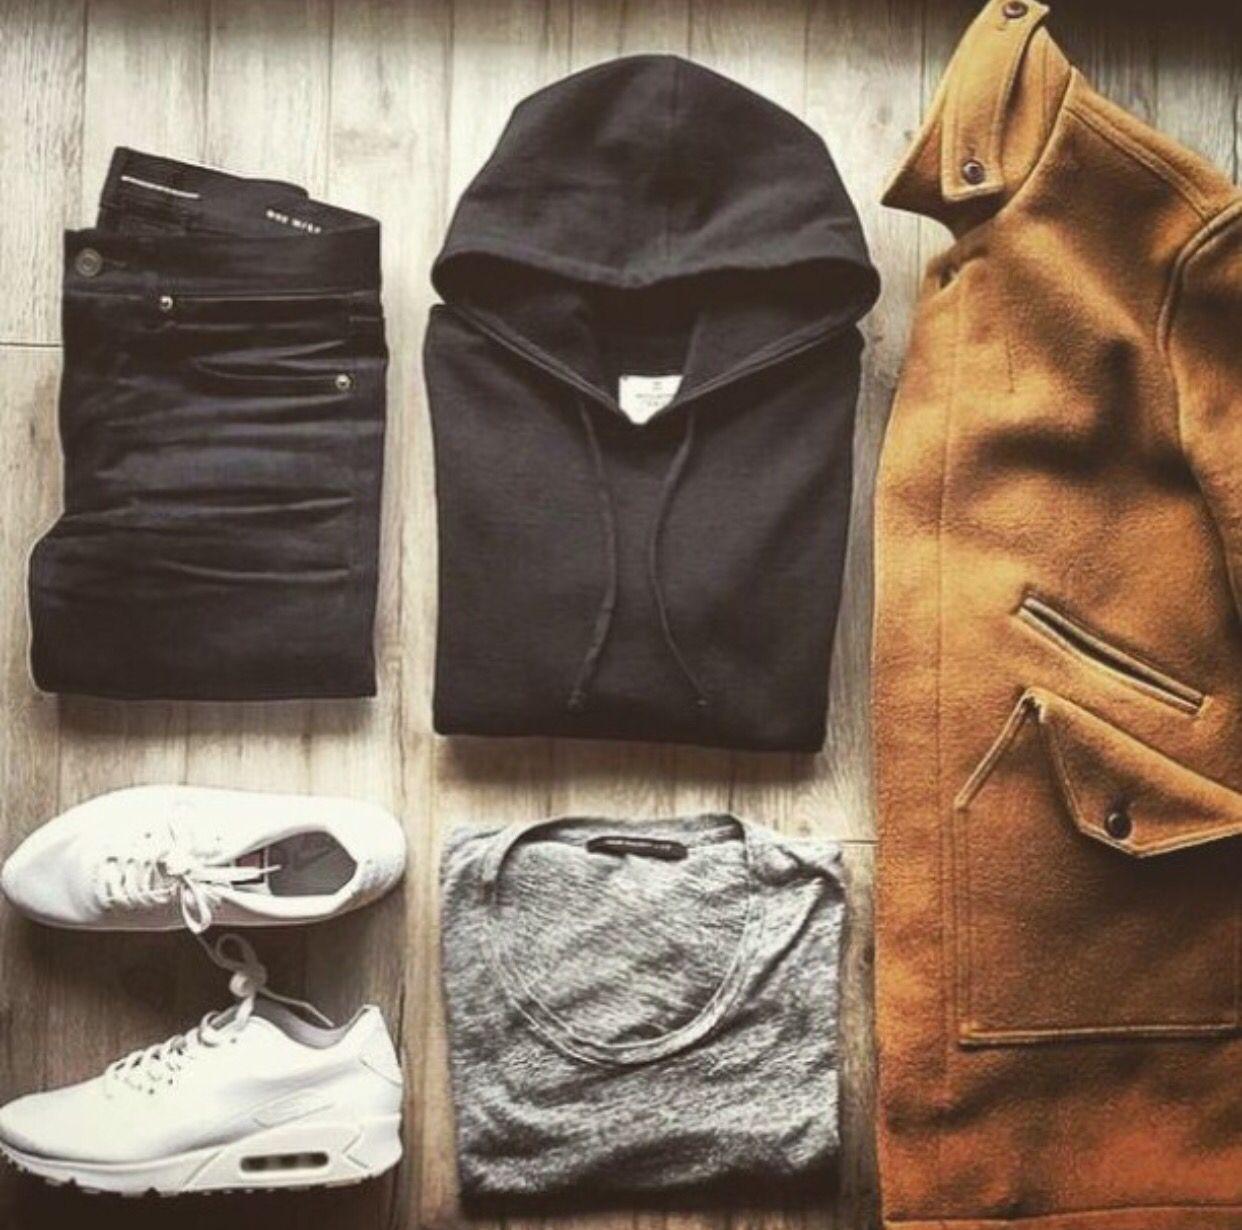 Dat jacket doe